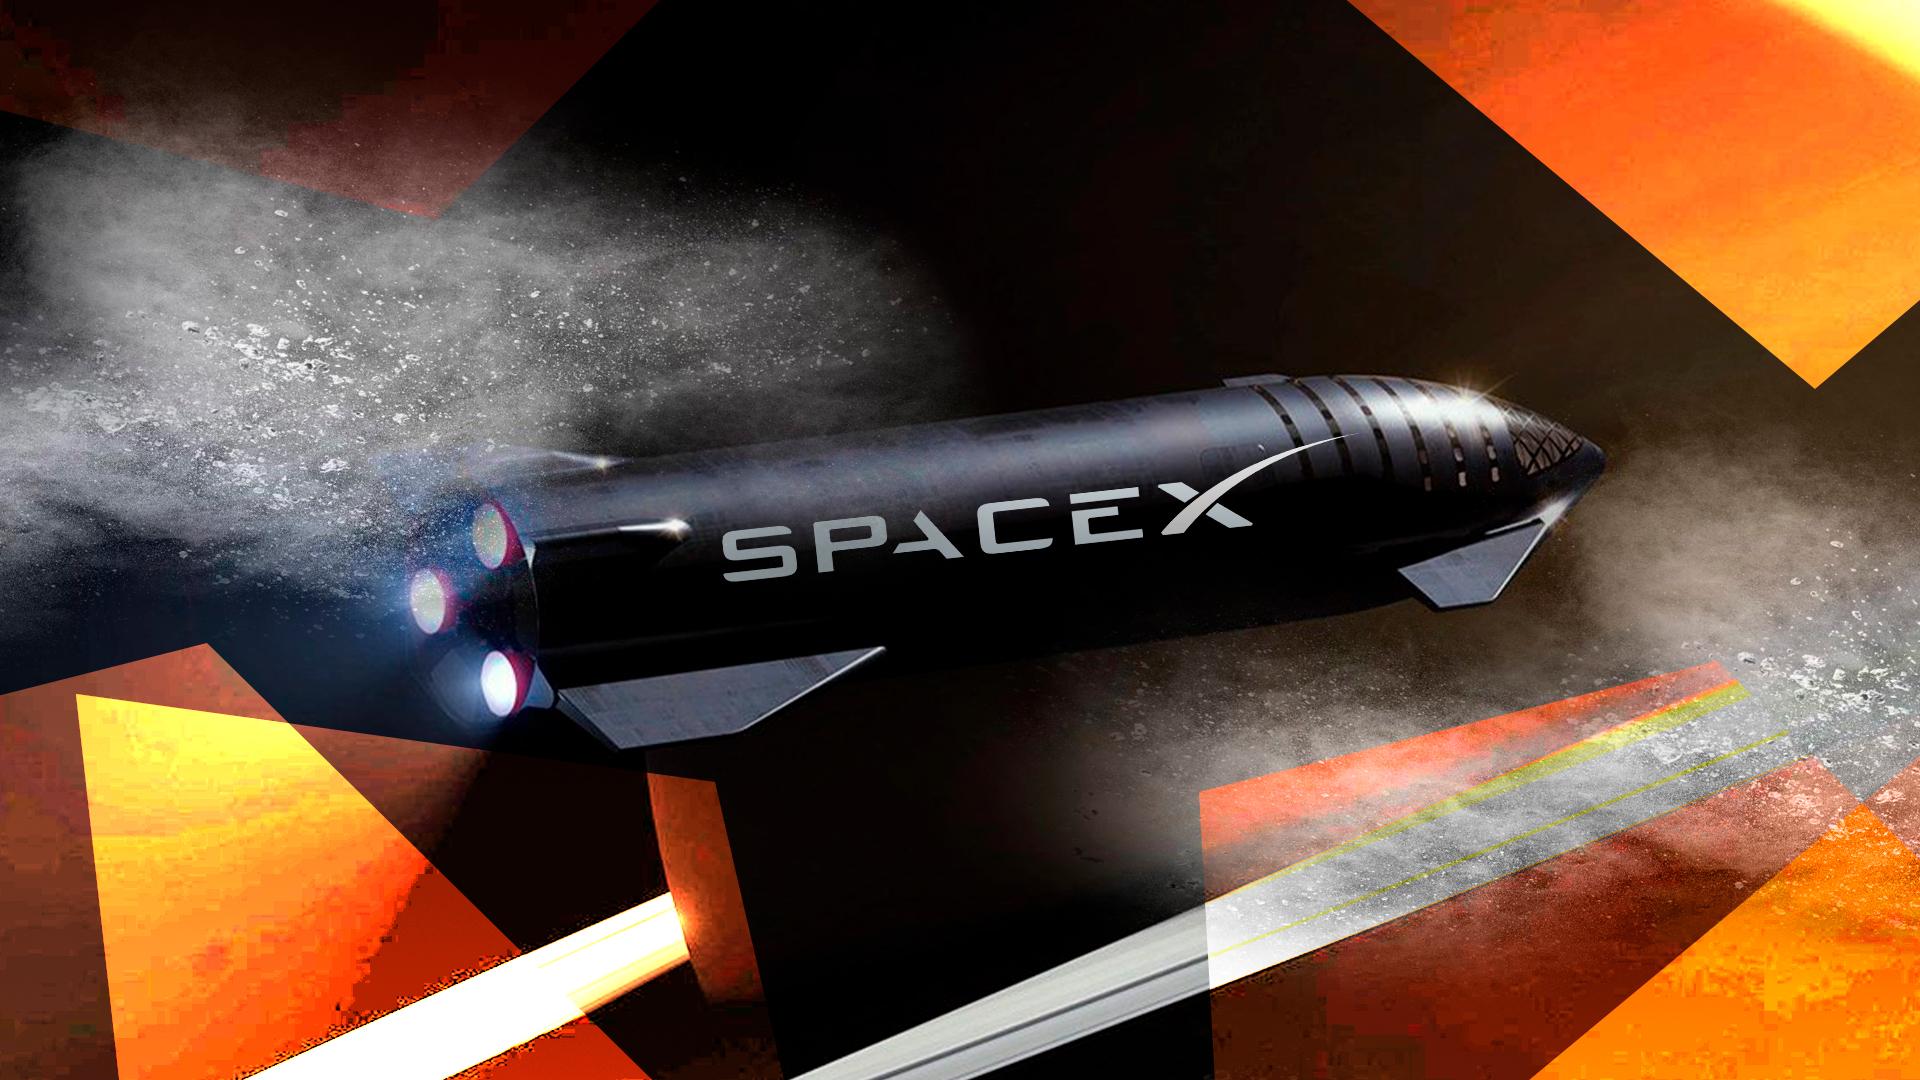 Weltraum, Raumfahrt, Spacex, Rakete, Spaceship, Starship